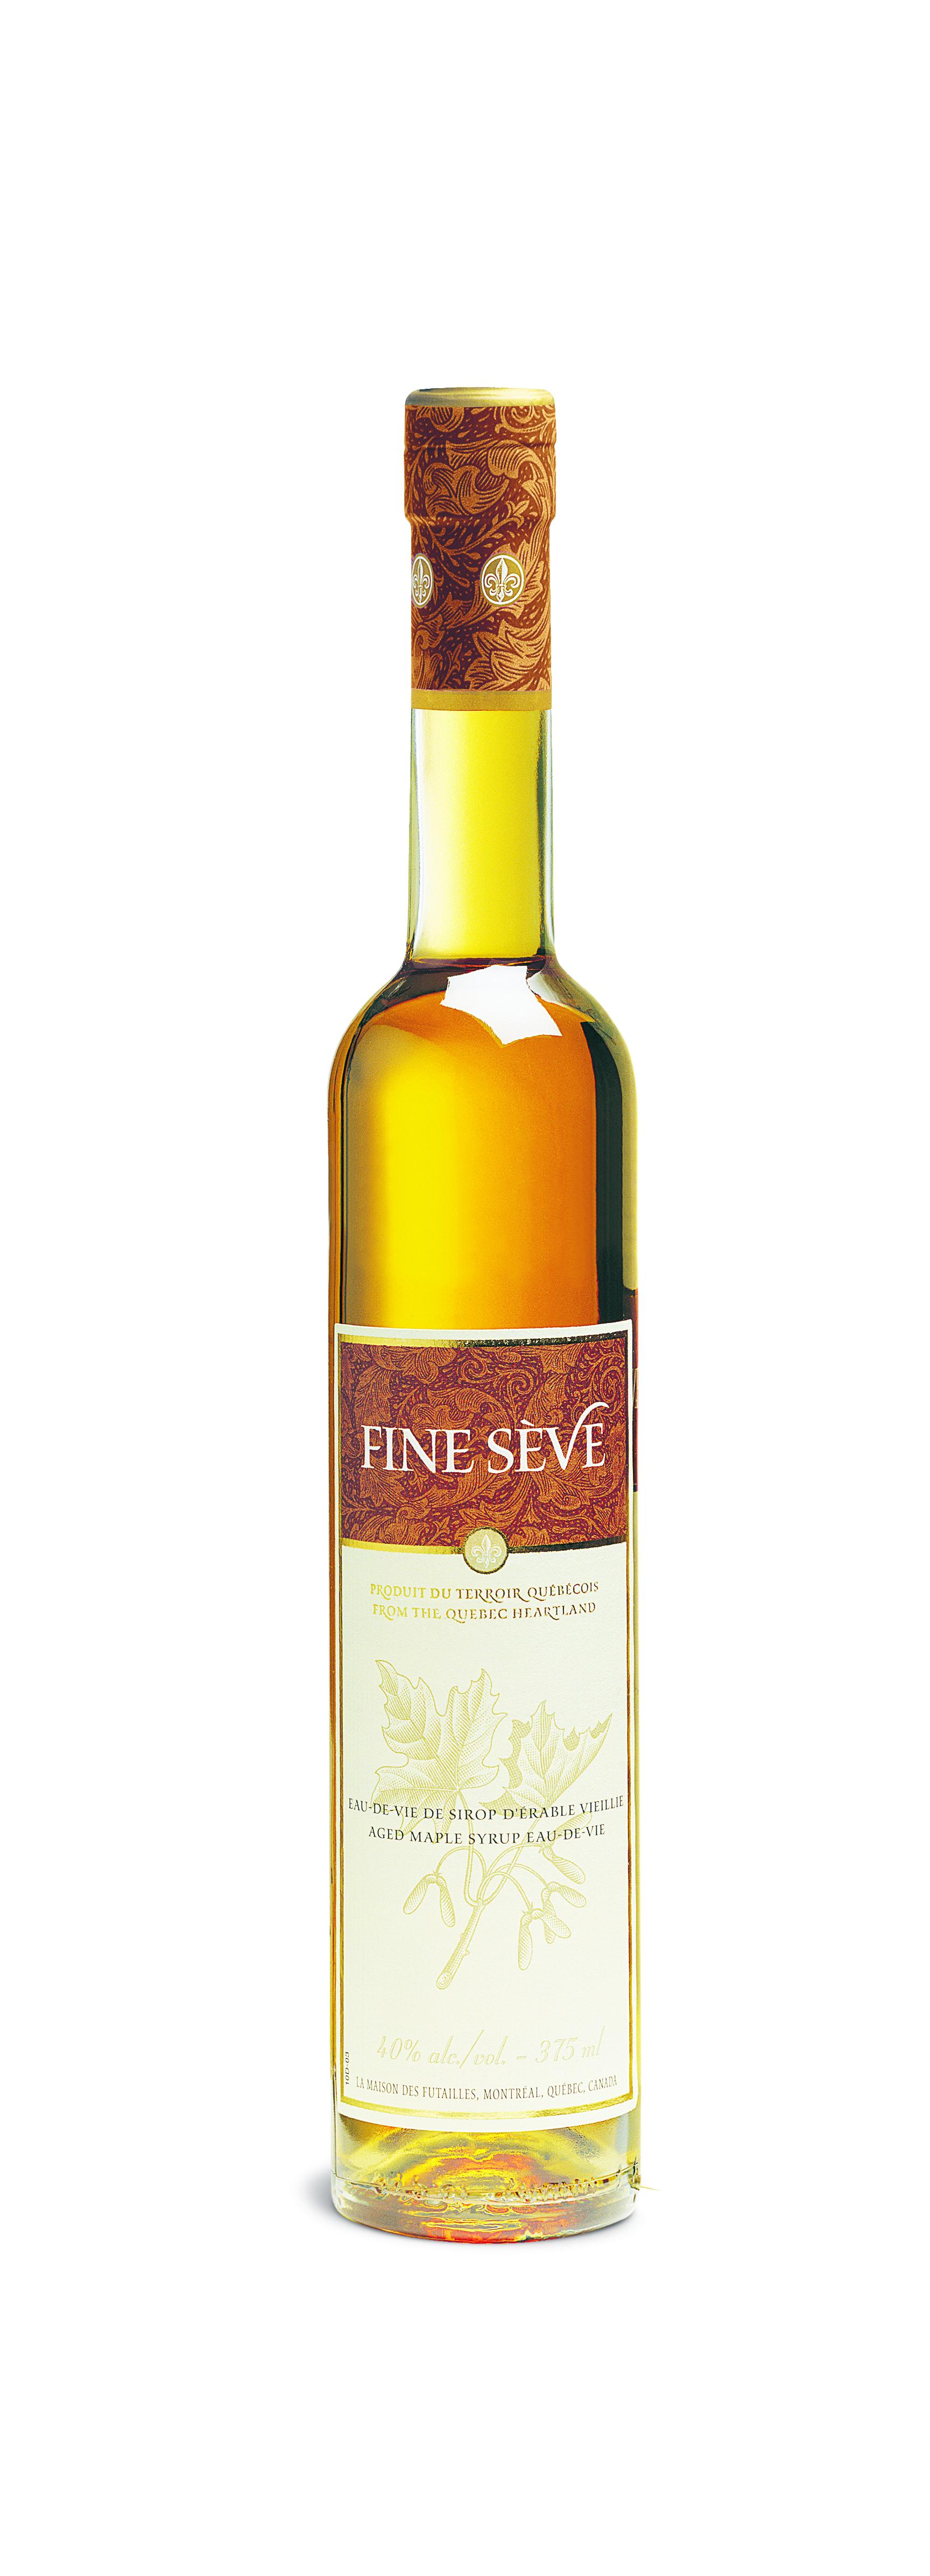 Fine Sève